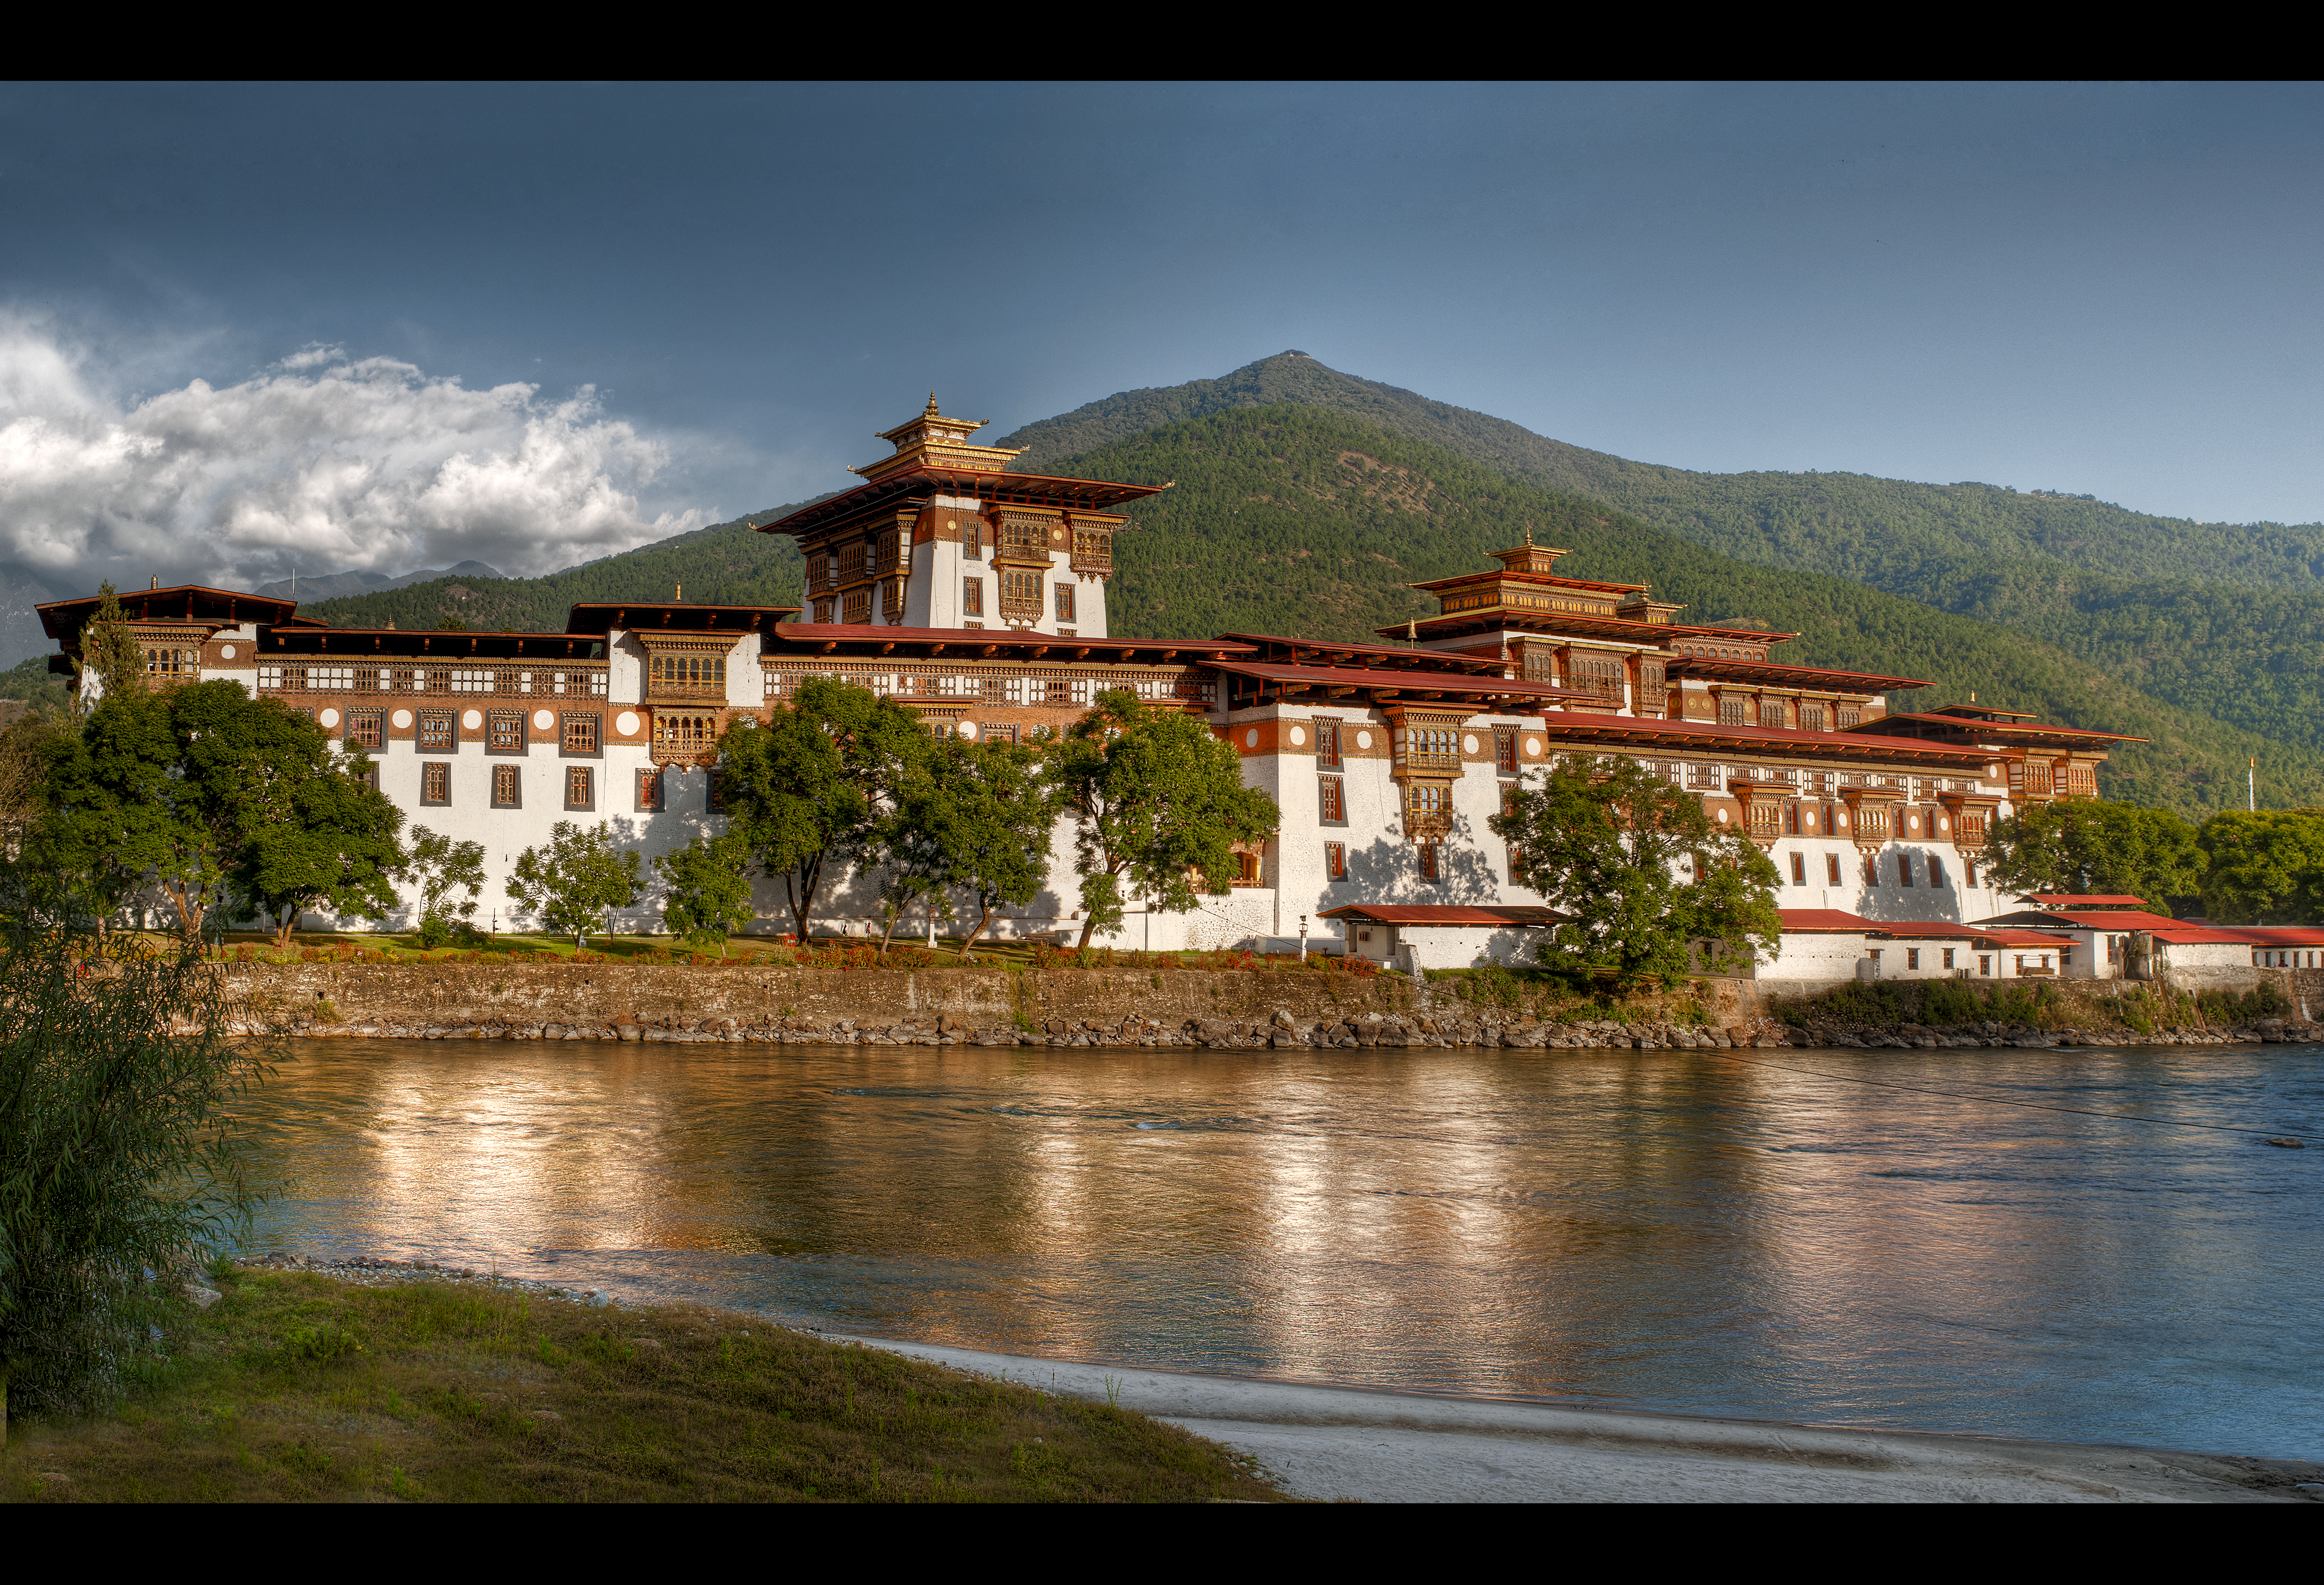 Bhutan - Pungthan Dechen Dzong, Punakha